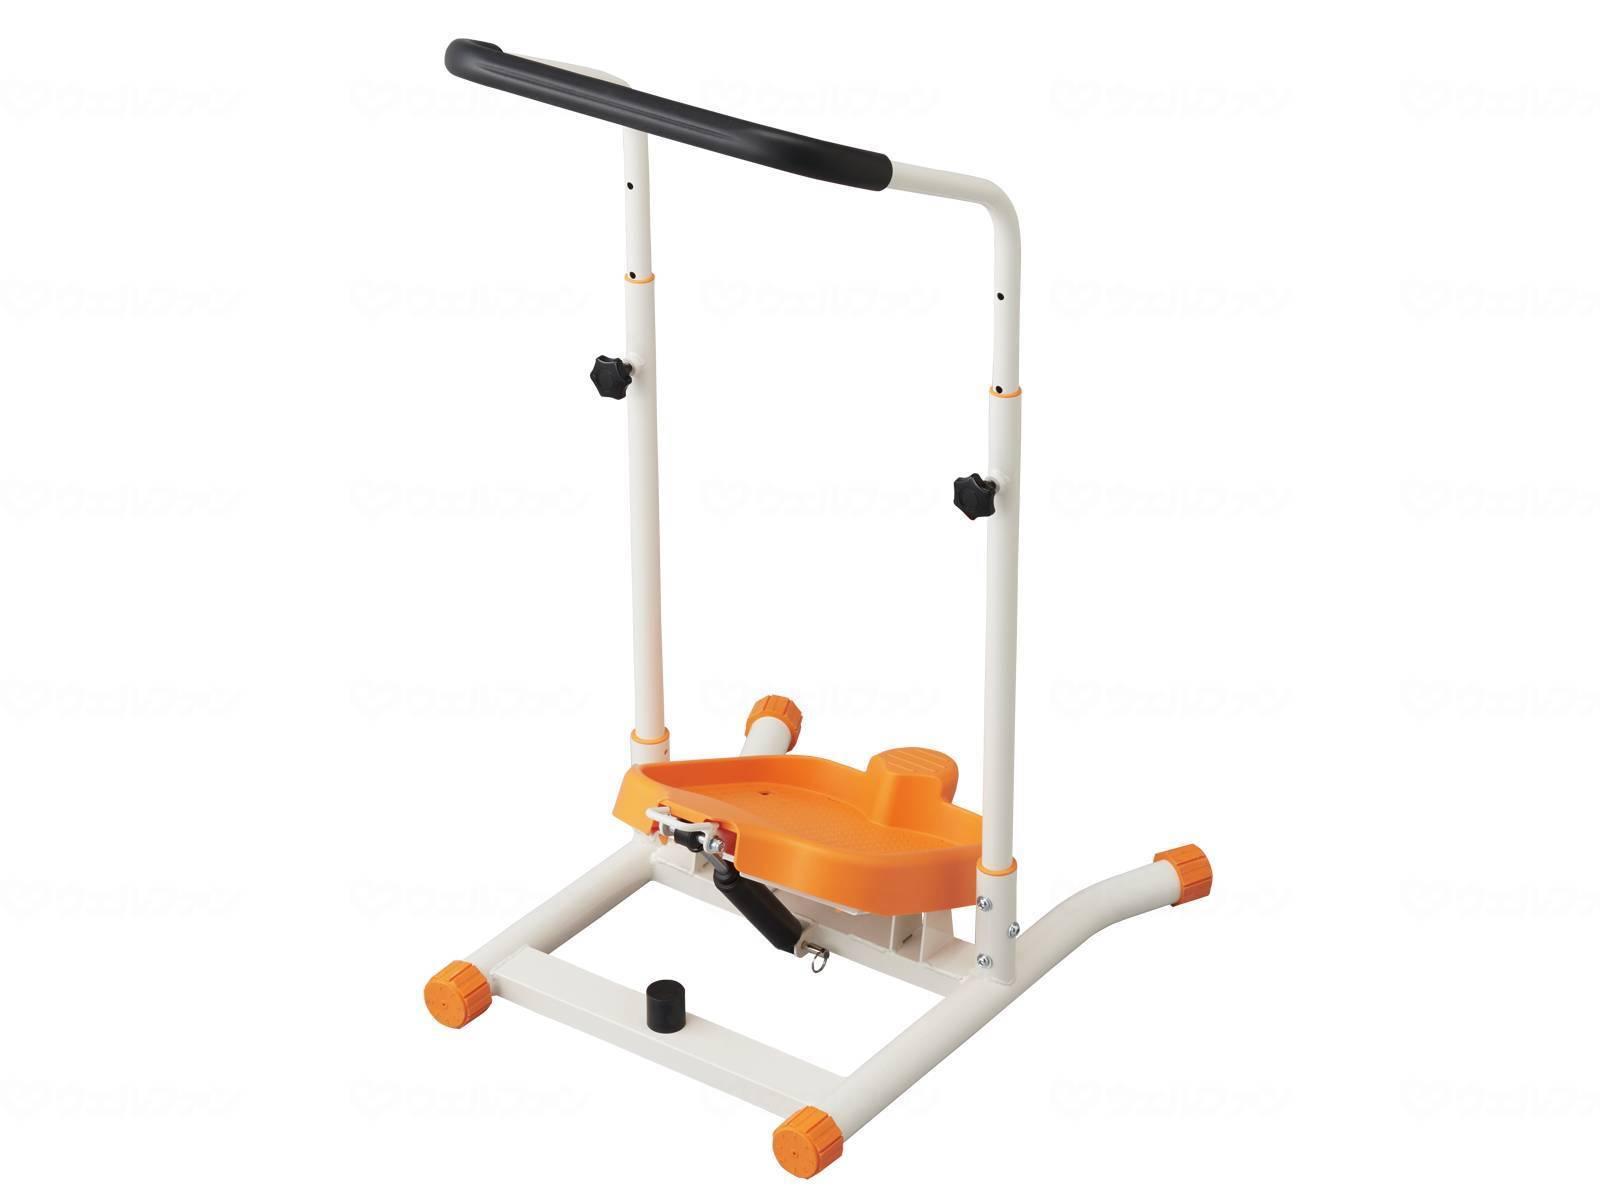 ウェルファン ハンドル付きストレッチボード楽々のびのび施設用/リハビリ/トレーニング/機能訓練筋力向上/持久力アップ/簡単/ステップ